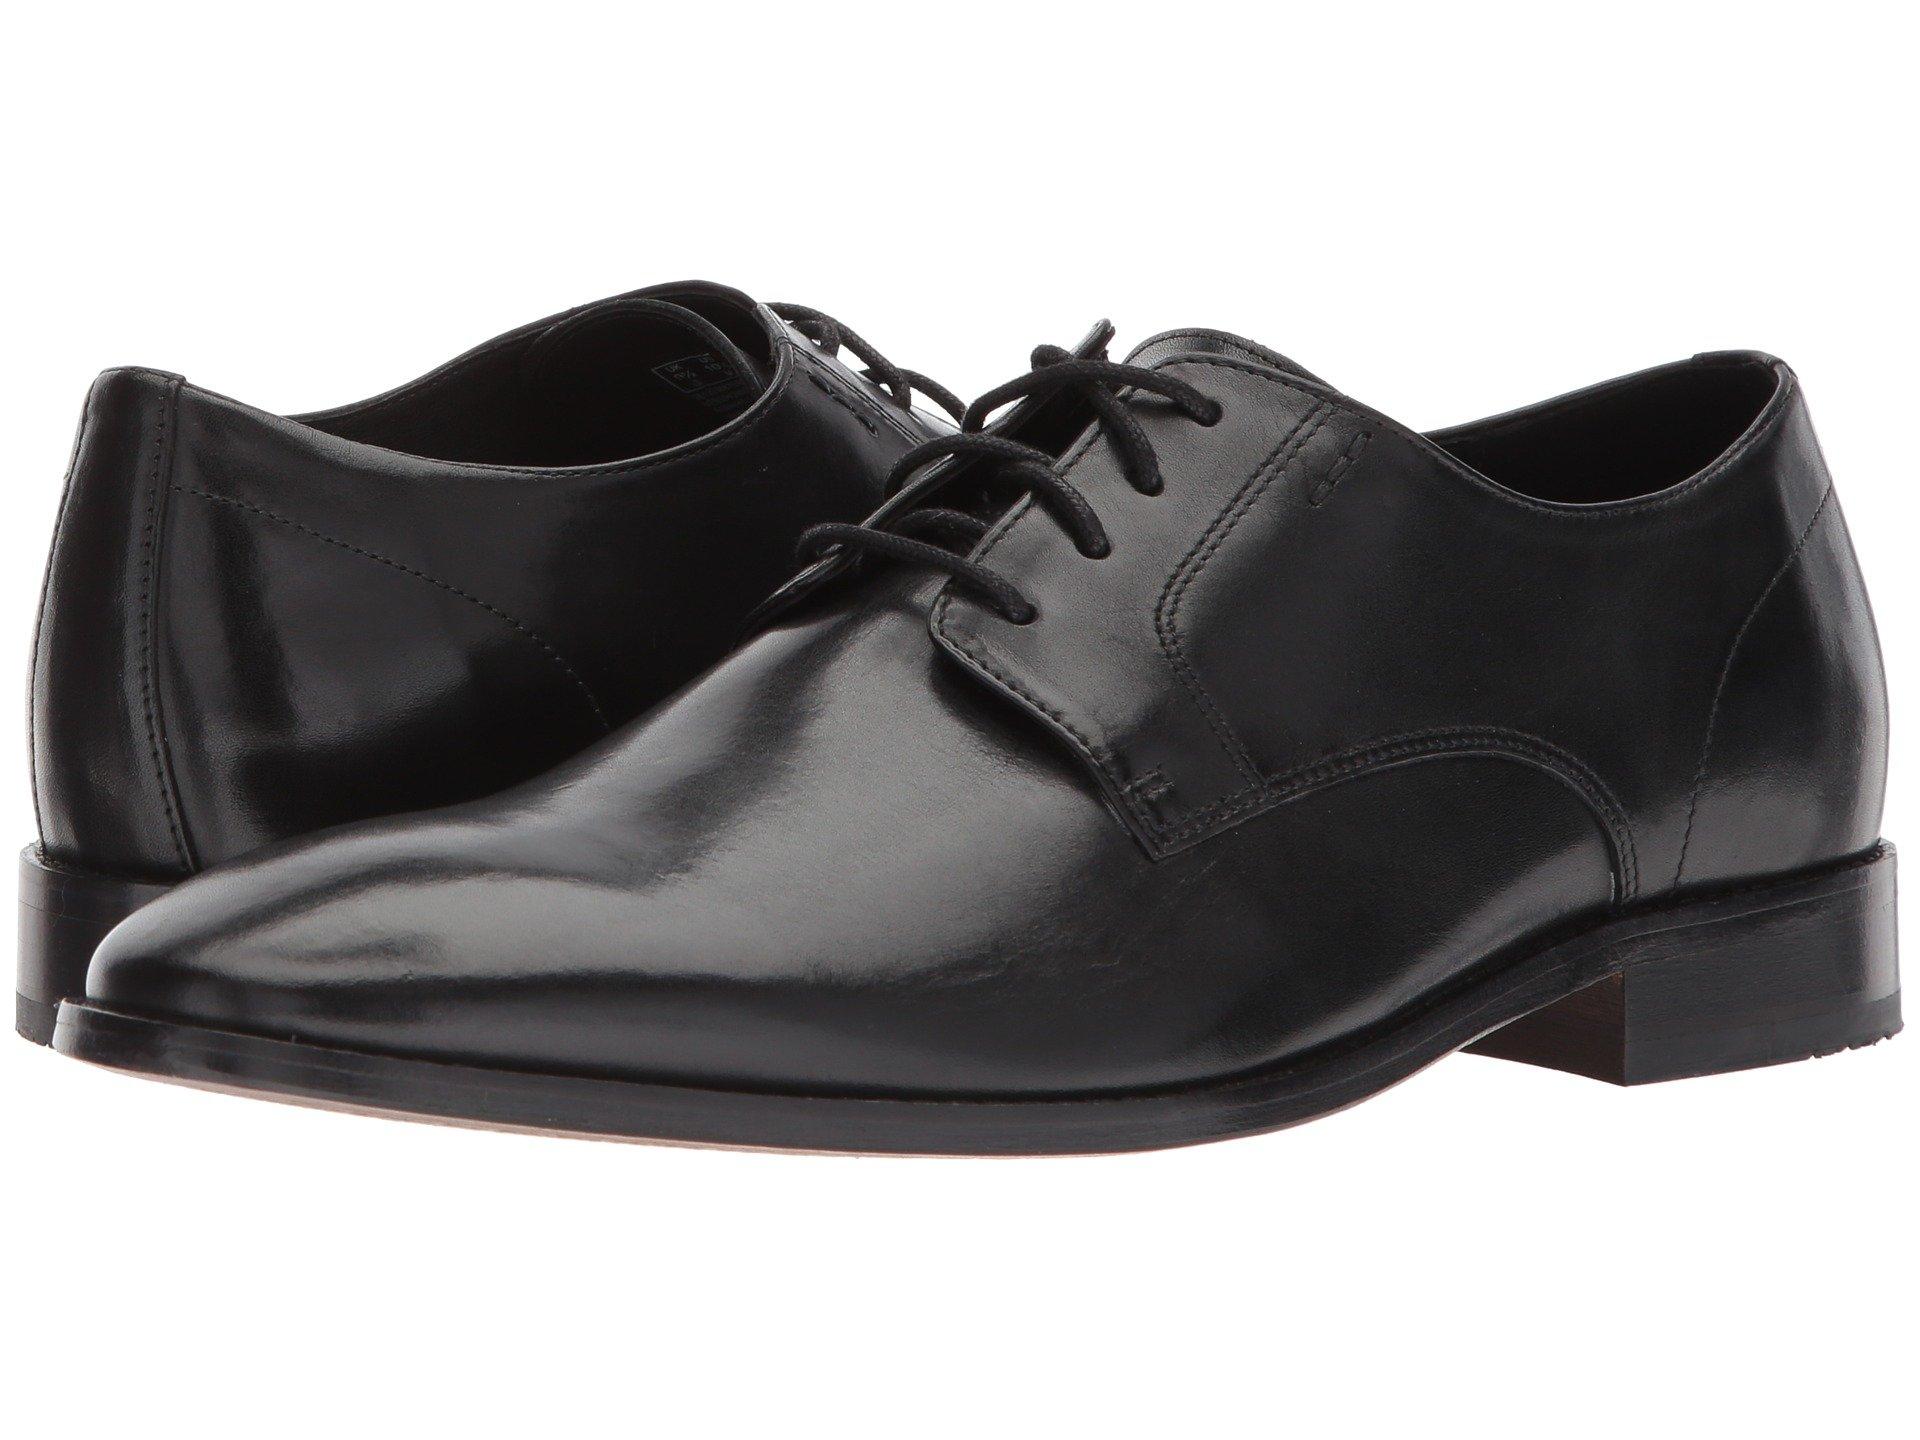 4580c718f585 Men s Bostonian Shoes + FREE SHIPPING